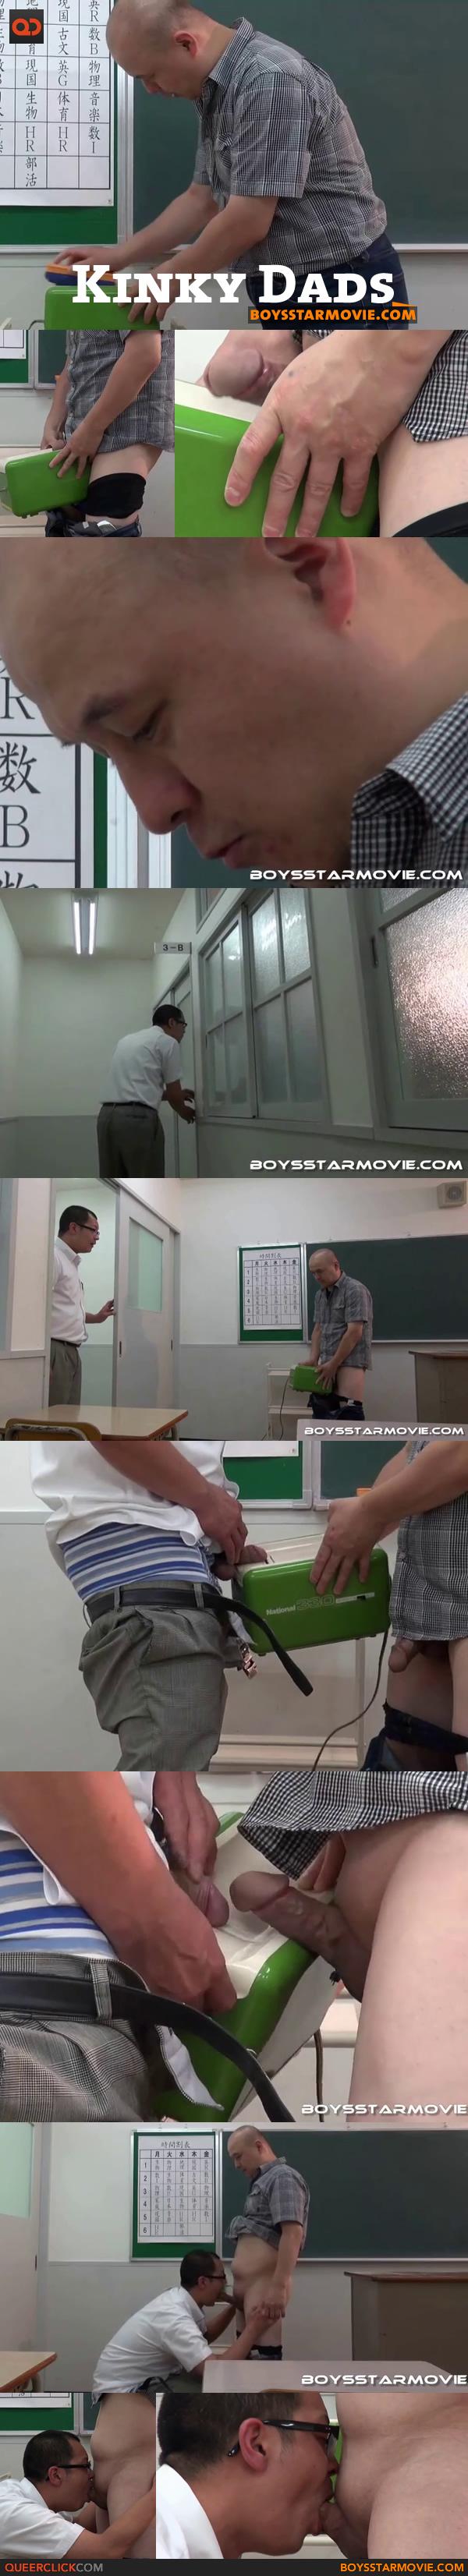 boysstarmovie Boys Star Movie: Kinky Dads